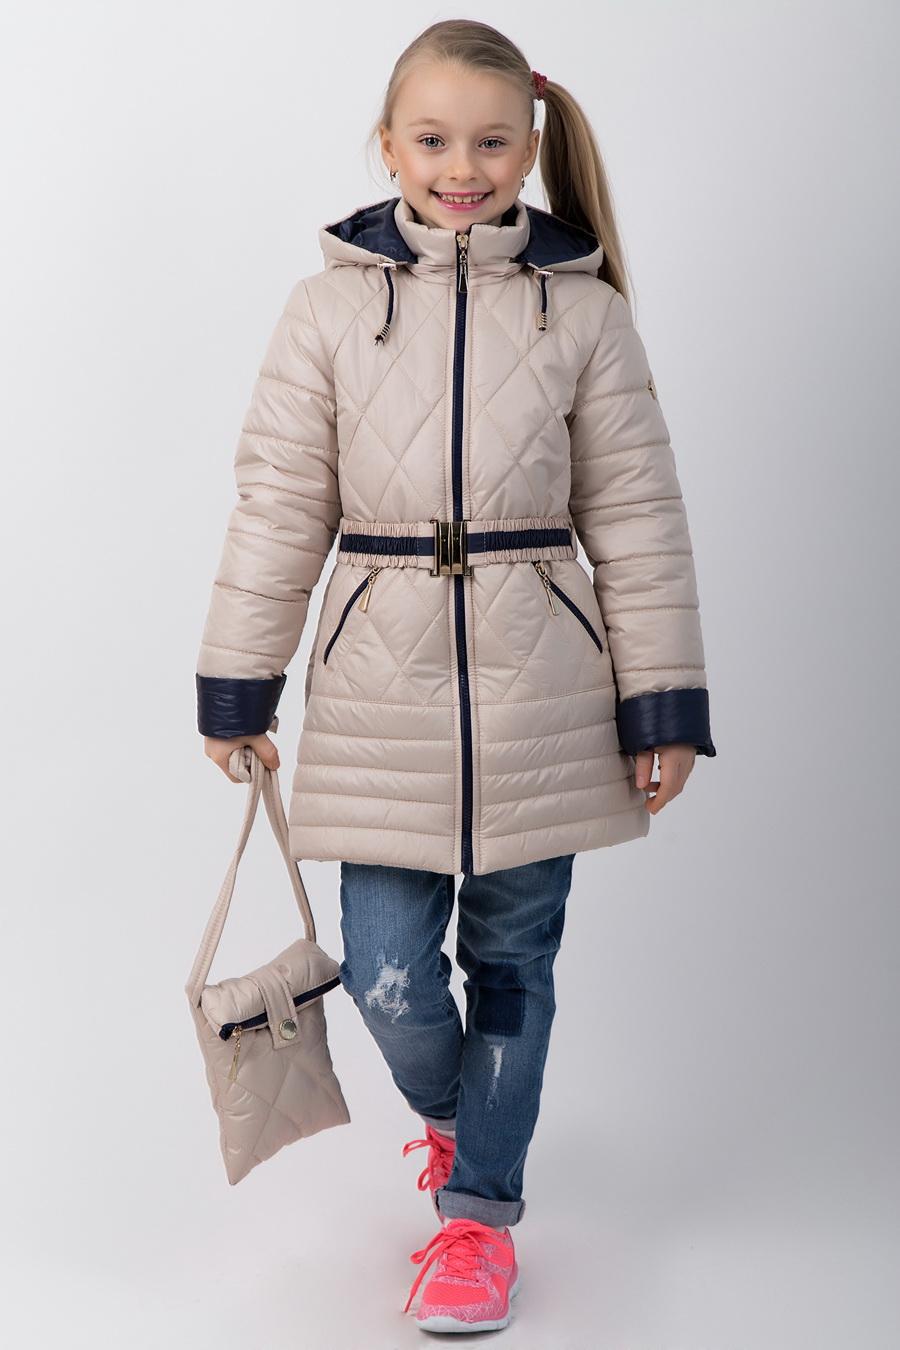 Купить Куртку Штаны Зимние